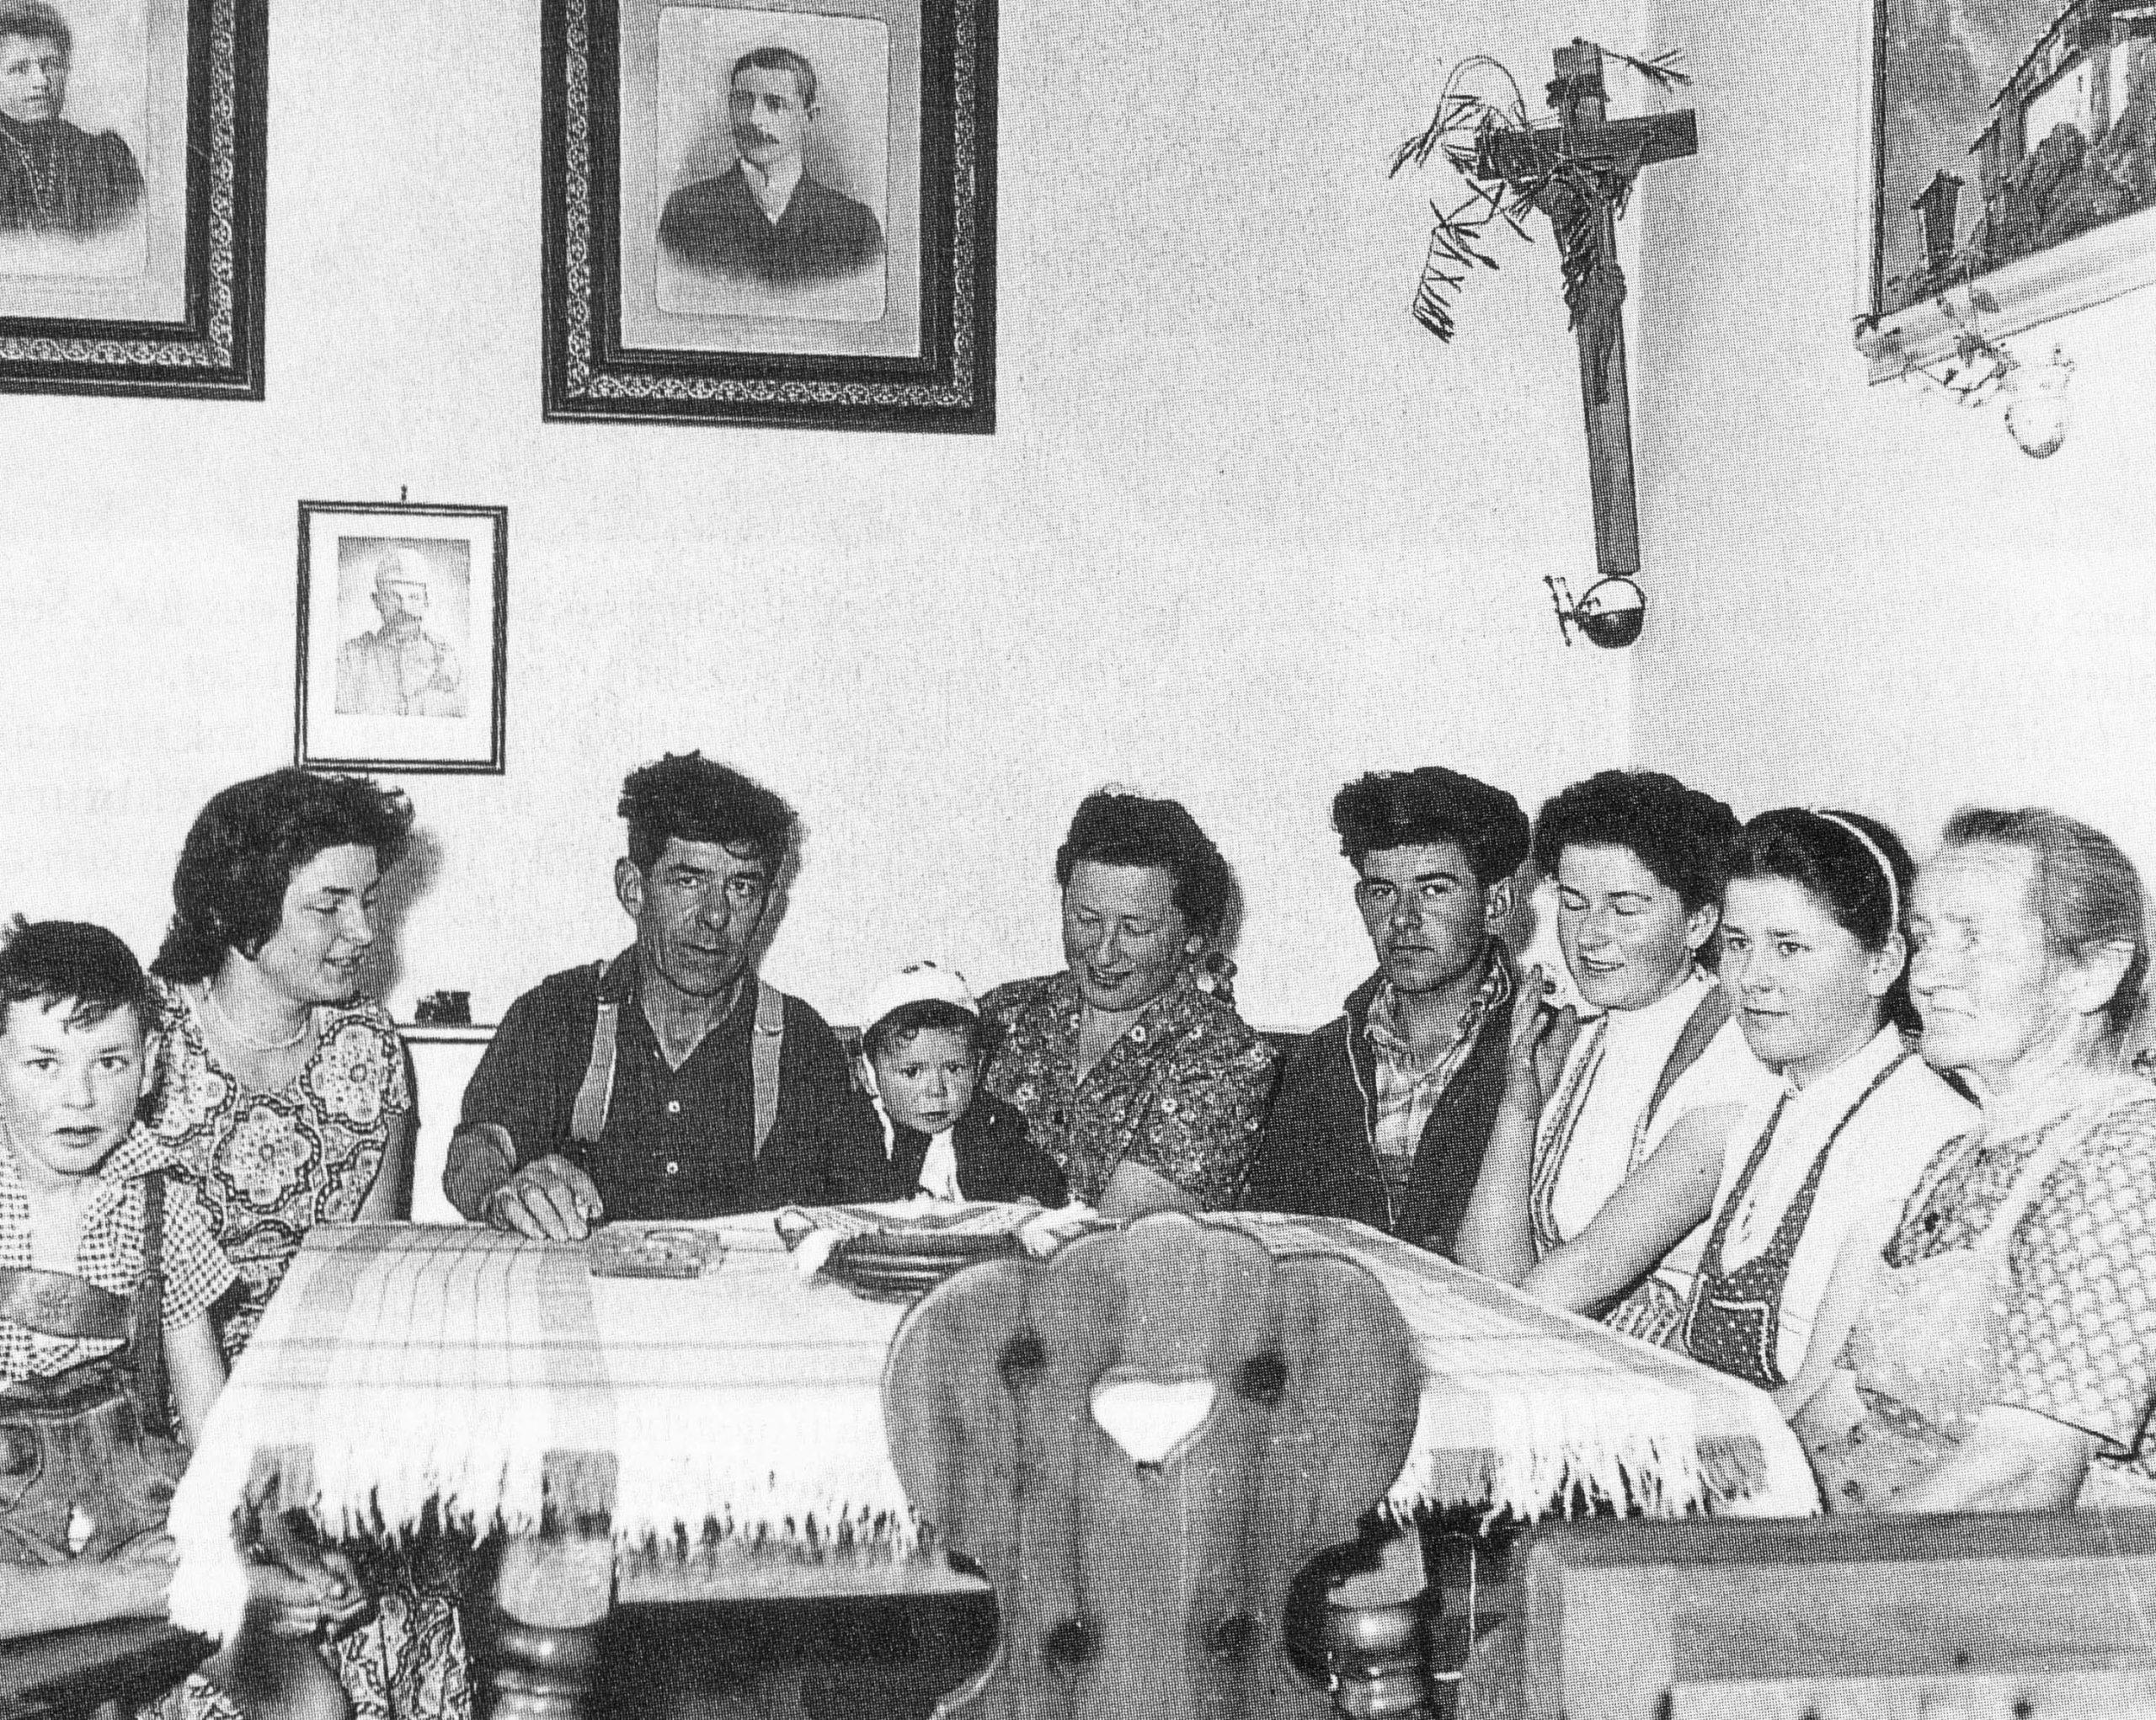 Der Gründer des BAS, Sepp Kerschbaumer, war alles andere als ein ideologischer Fanatiker. Der tiefgläubige Christ betete mit seiner Familie täglich den Rosenkranz.